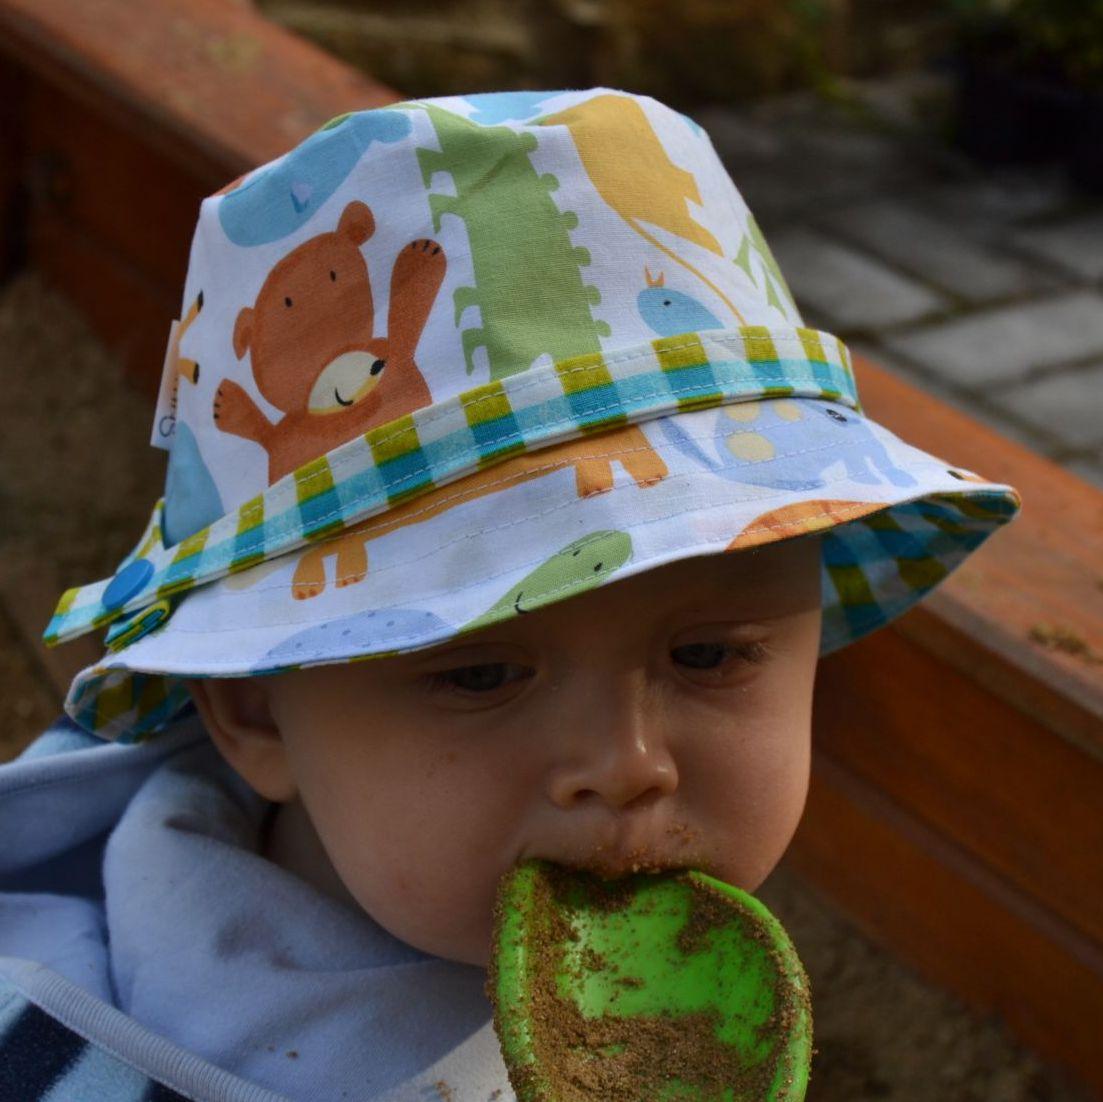 Střih a fotonávod - dětský klobouček   Zboží prodejce Mamas Hand ... e1d0d67088